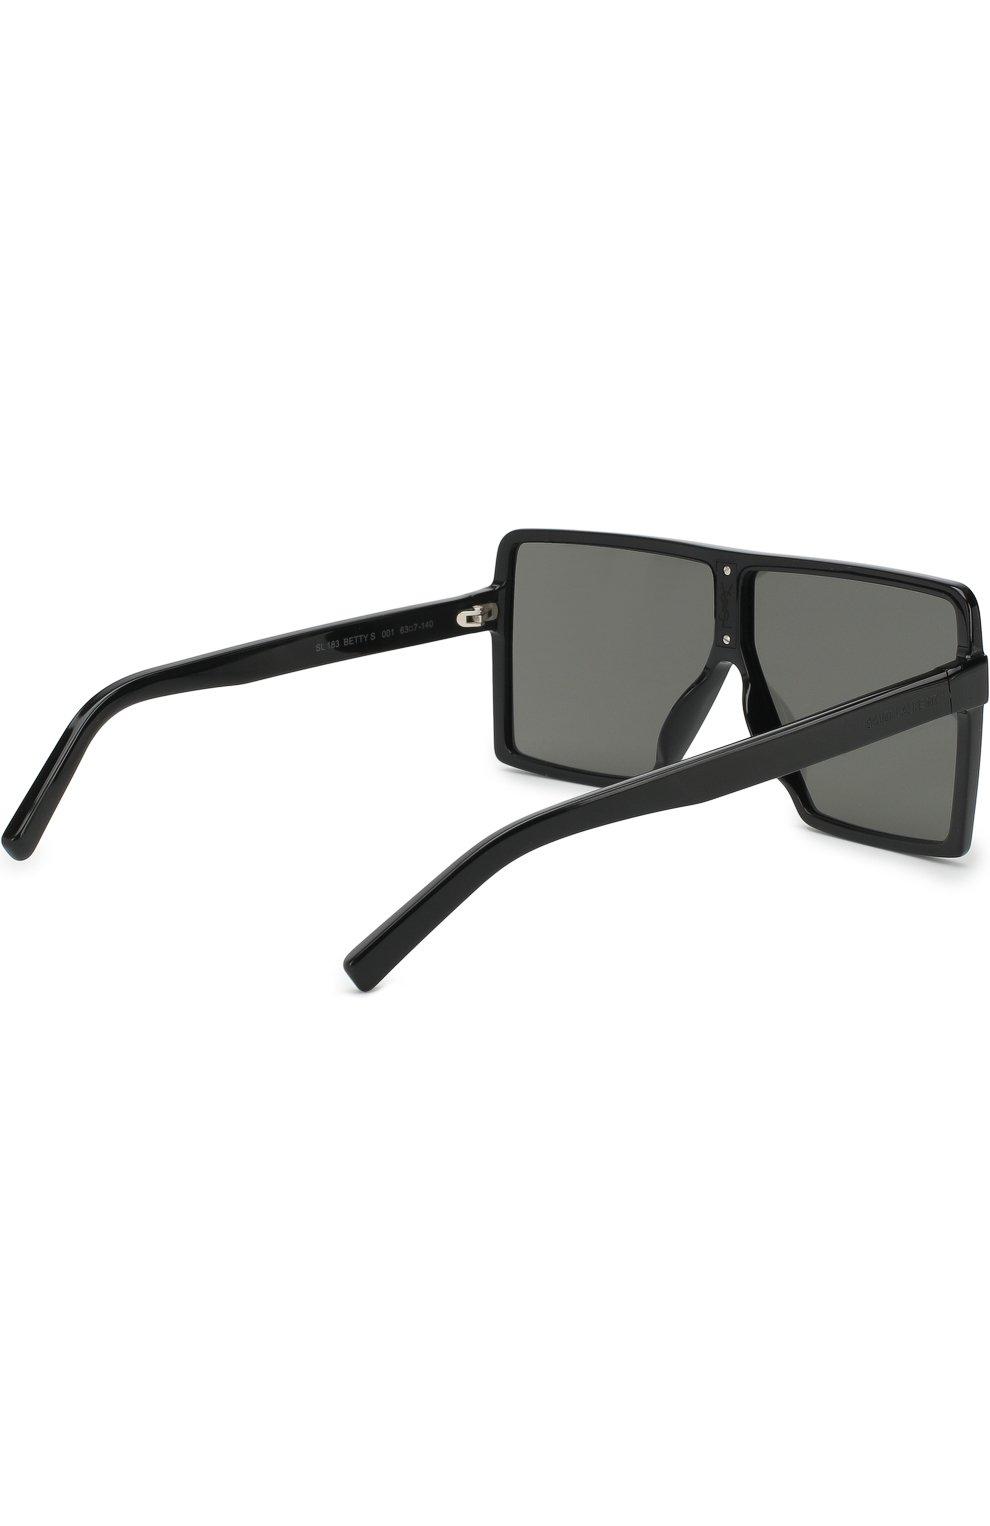 Женские солнцезащитные очки SAINT LAURENT черного цвета, арт. SL 183 BETTY S 001   Фото 3